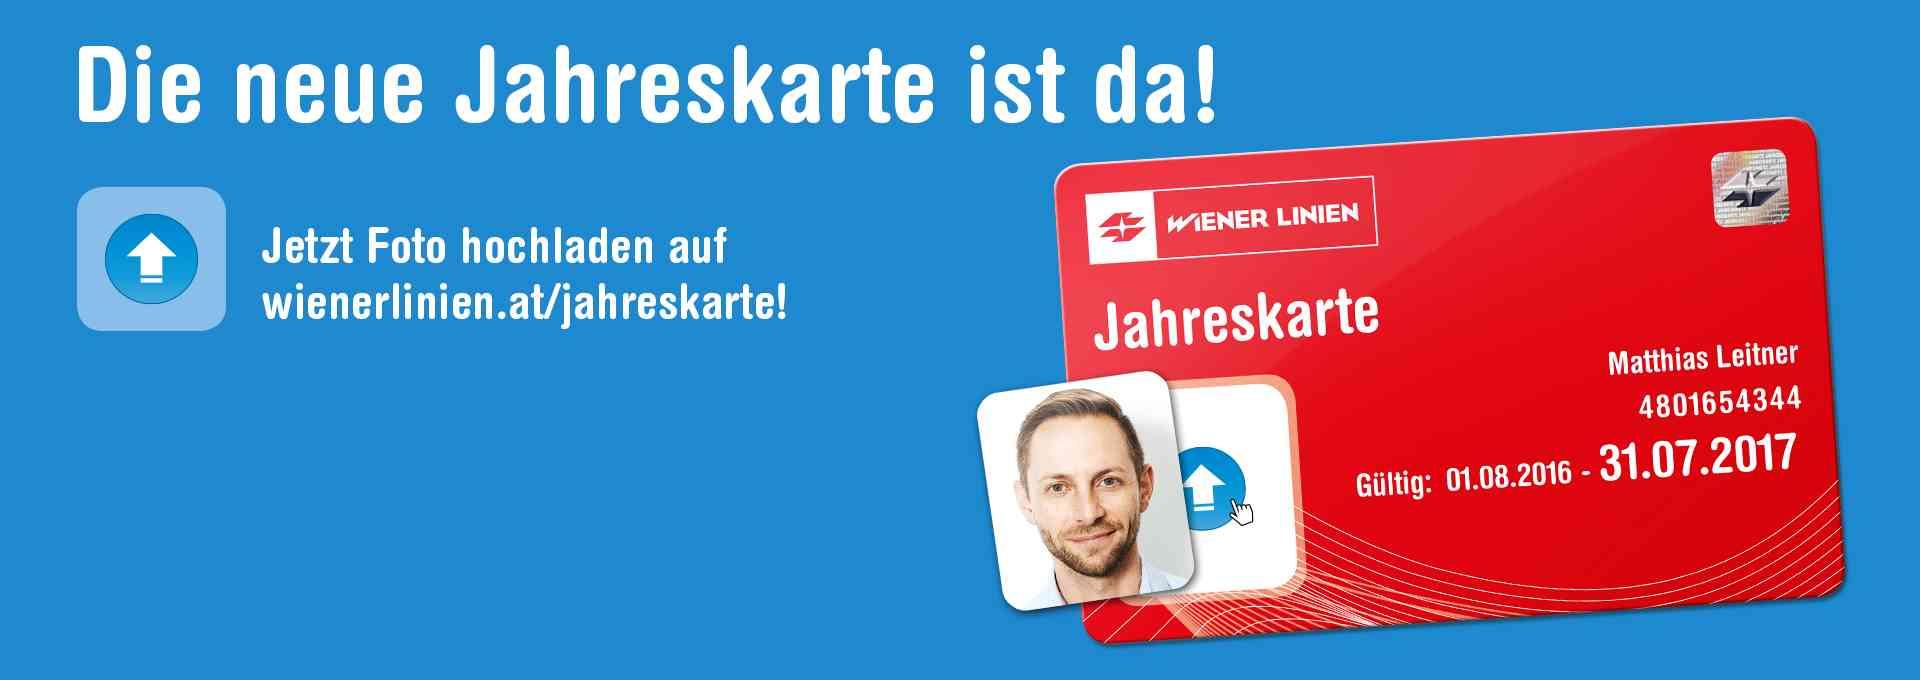 How To Jahreskarte In Der Wienmobil App Anzeigen Wiener Linien